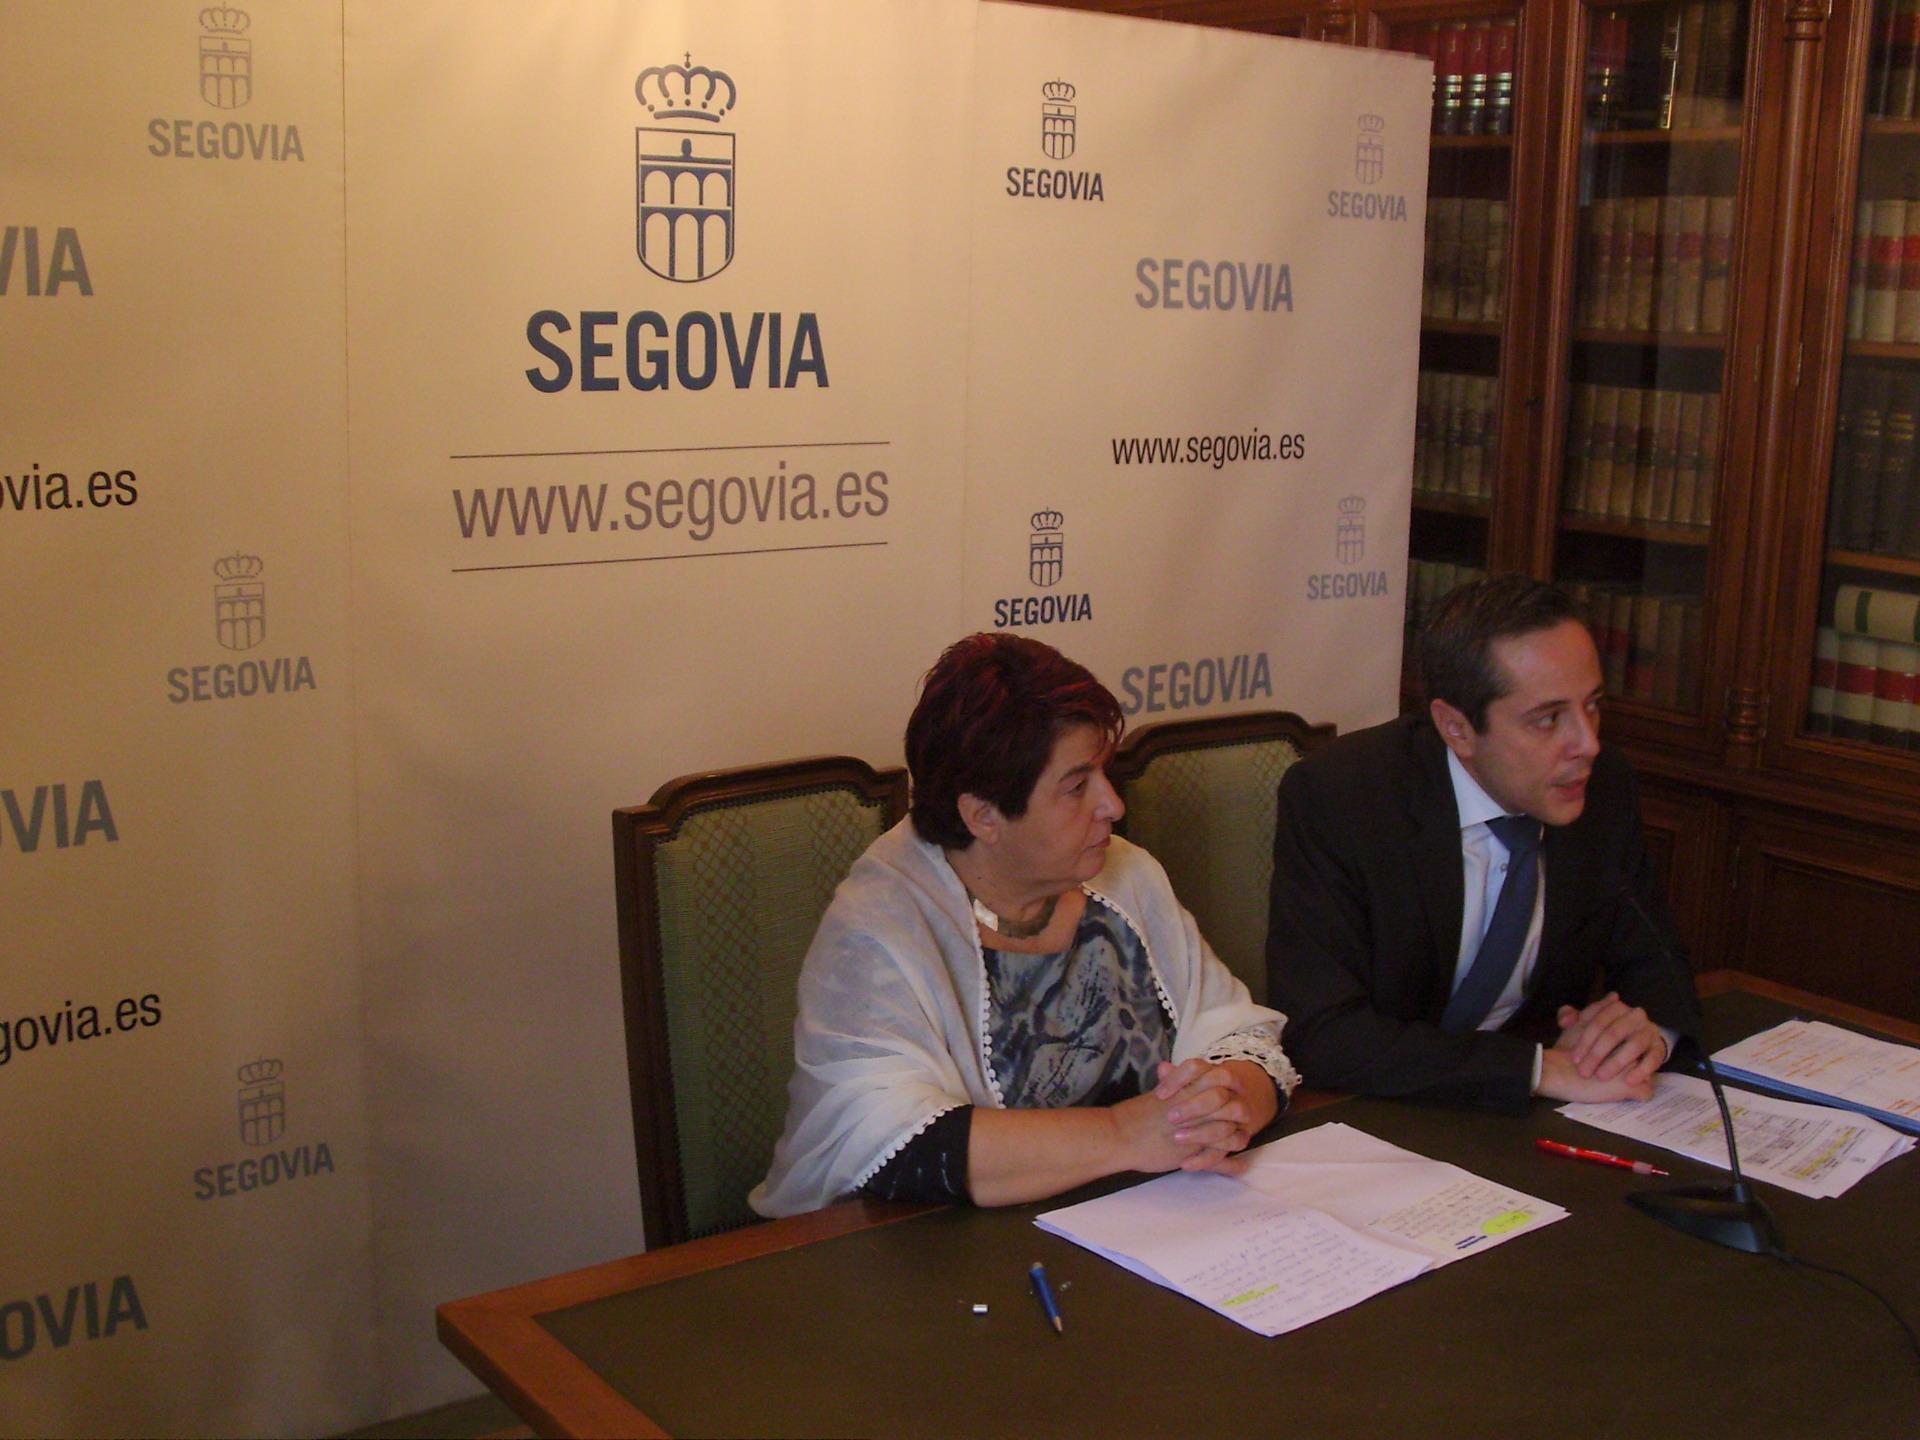 Clara Luquero, alcaldesa de Segovia, y José Bayón, concejal de Desarrollo Económico, Empleo e Innovación